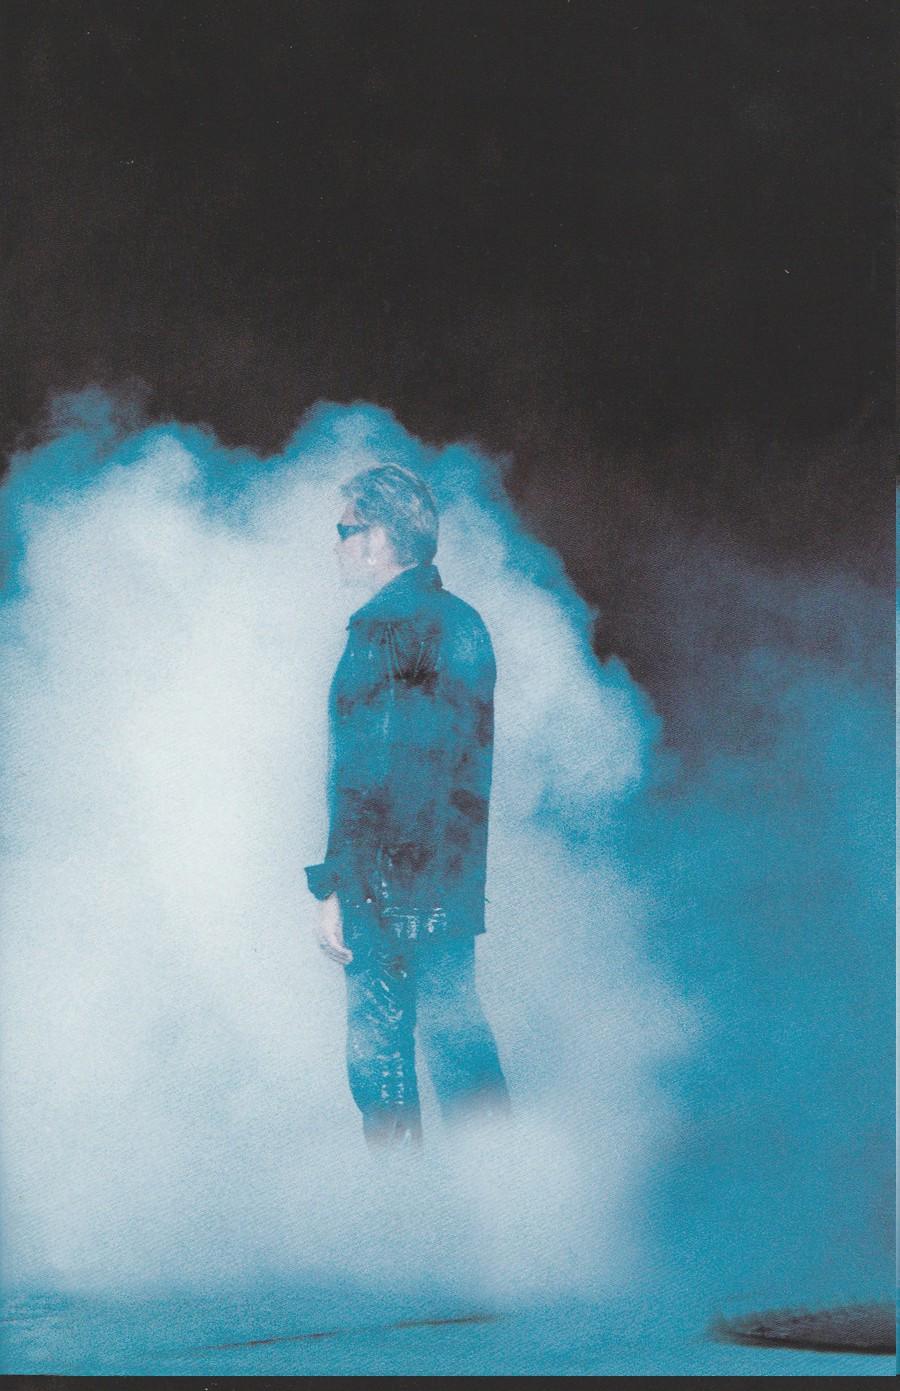 LES CONCERTS DE JOHNNY 'STADE DE FRANCE, SAINT-DENIS 1998' Img_2371